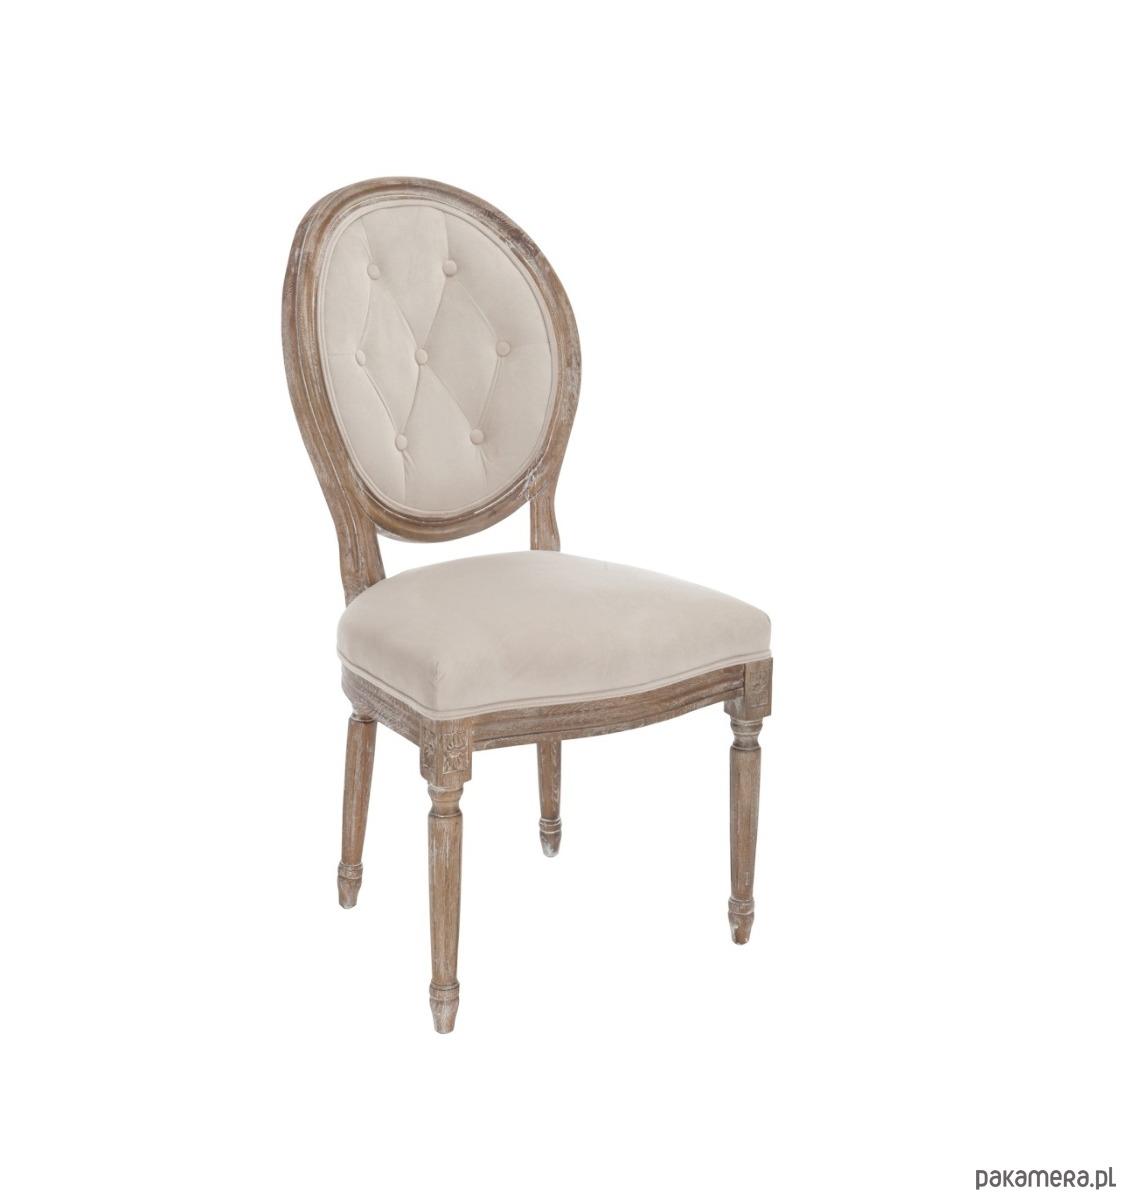 Krzesło Drewniane Versailles Beż 89x44x57 Cm Pakamerapl